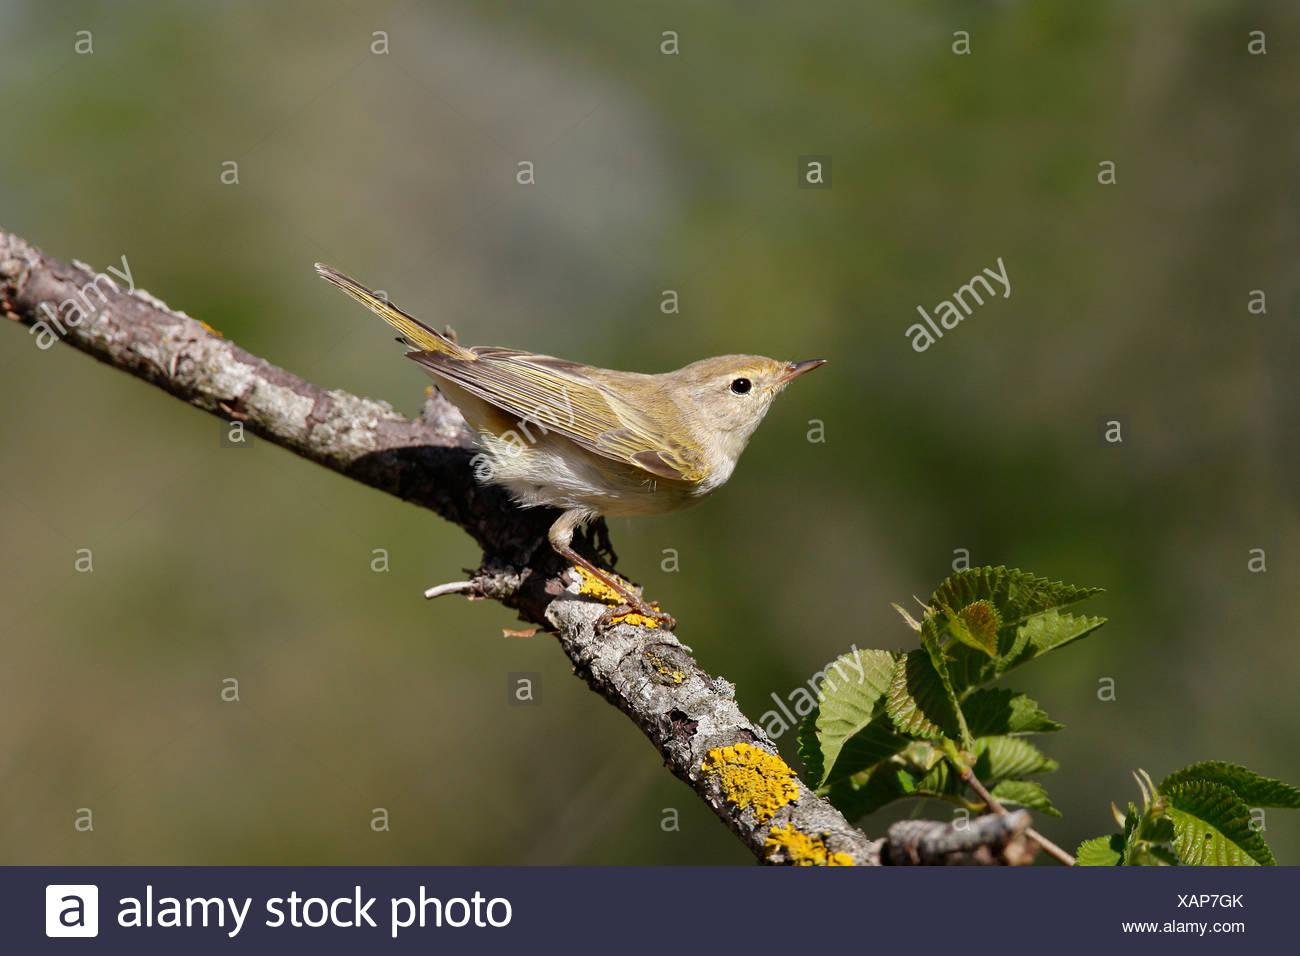 Zijaanzicht en zijblik van een Bergfluiter op een tak. Side view from a Western Bonelli's Warble on a branch. - Stock Image